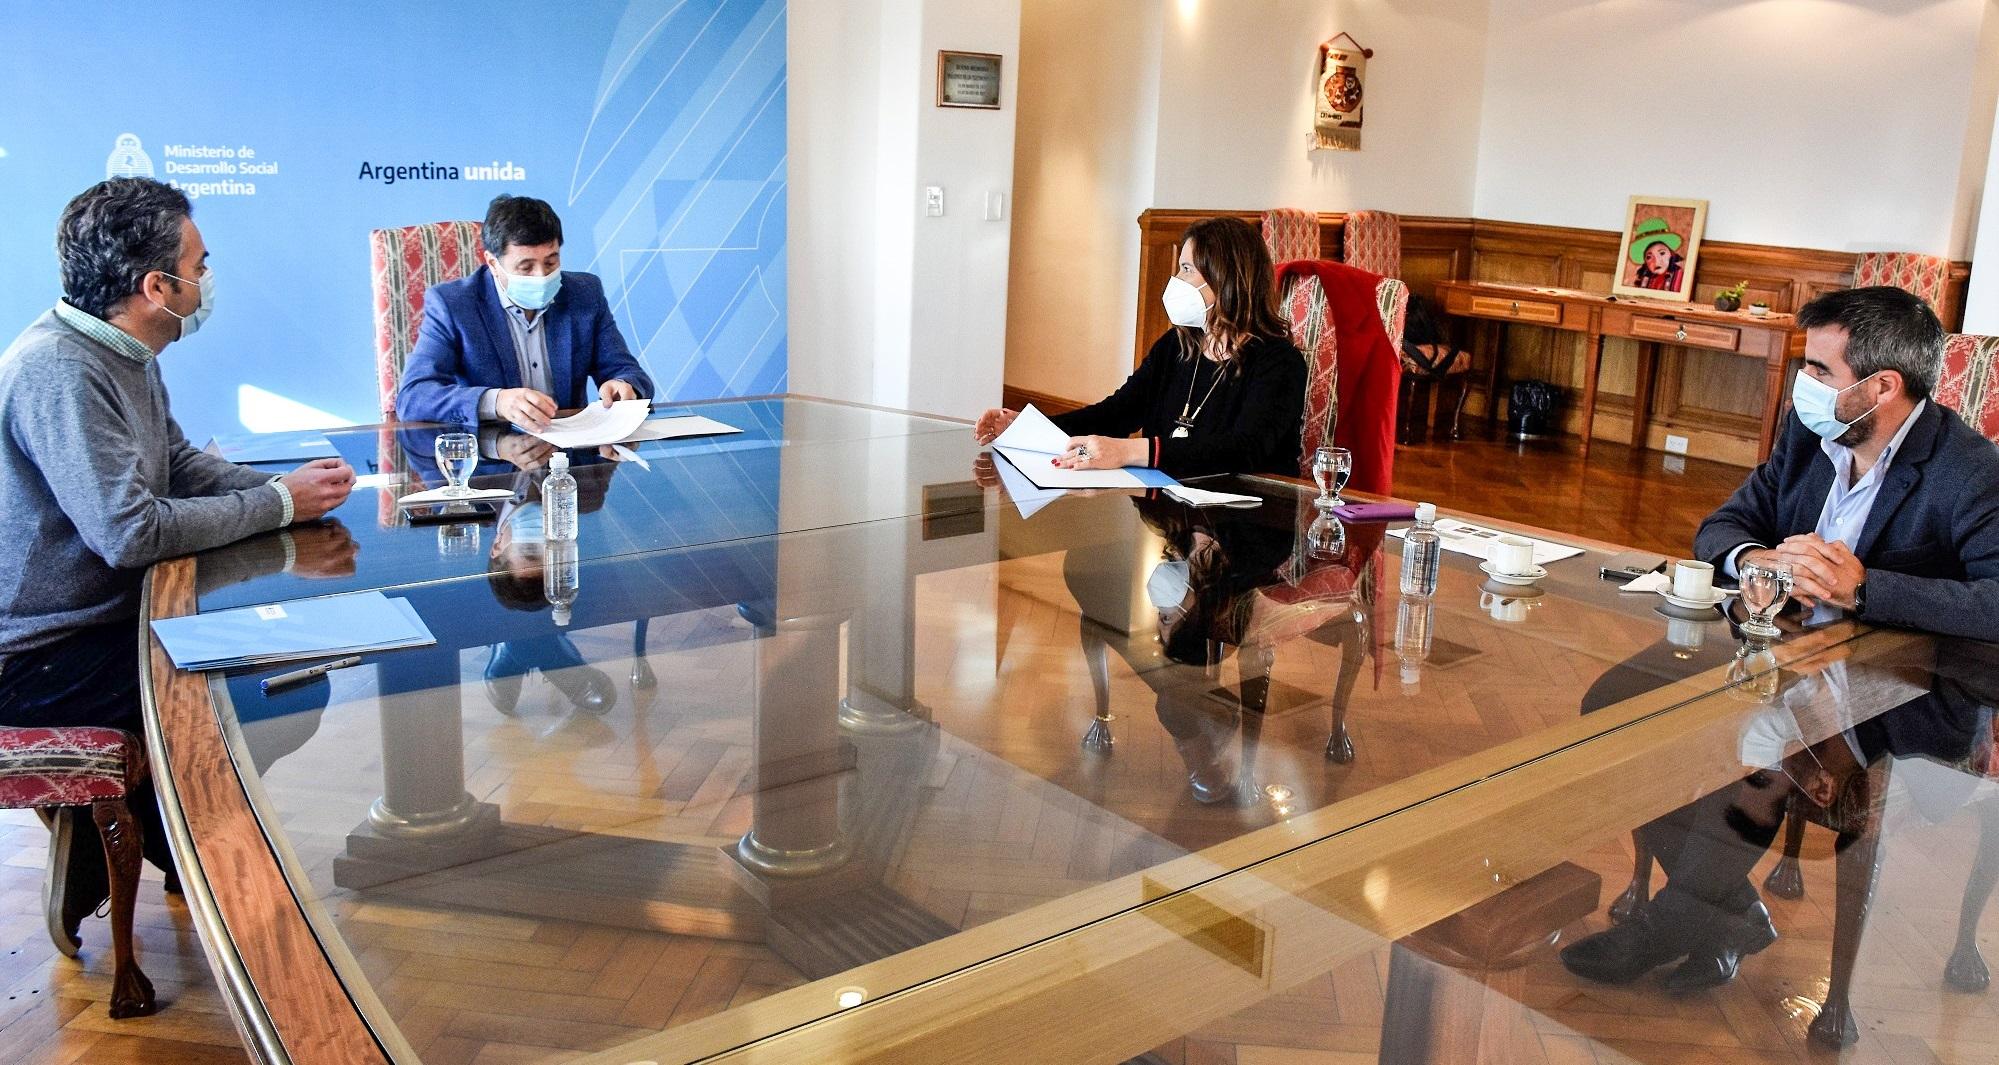 El Municipio firmó un convenio con el Ministerio de Desarrollo Social de la Nación para construir el Centro de Desarrollo Infantil en barrio Bicentenario